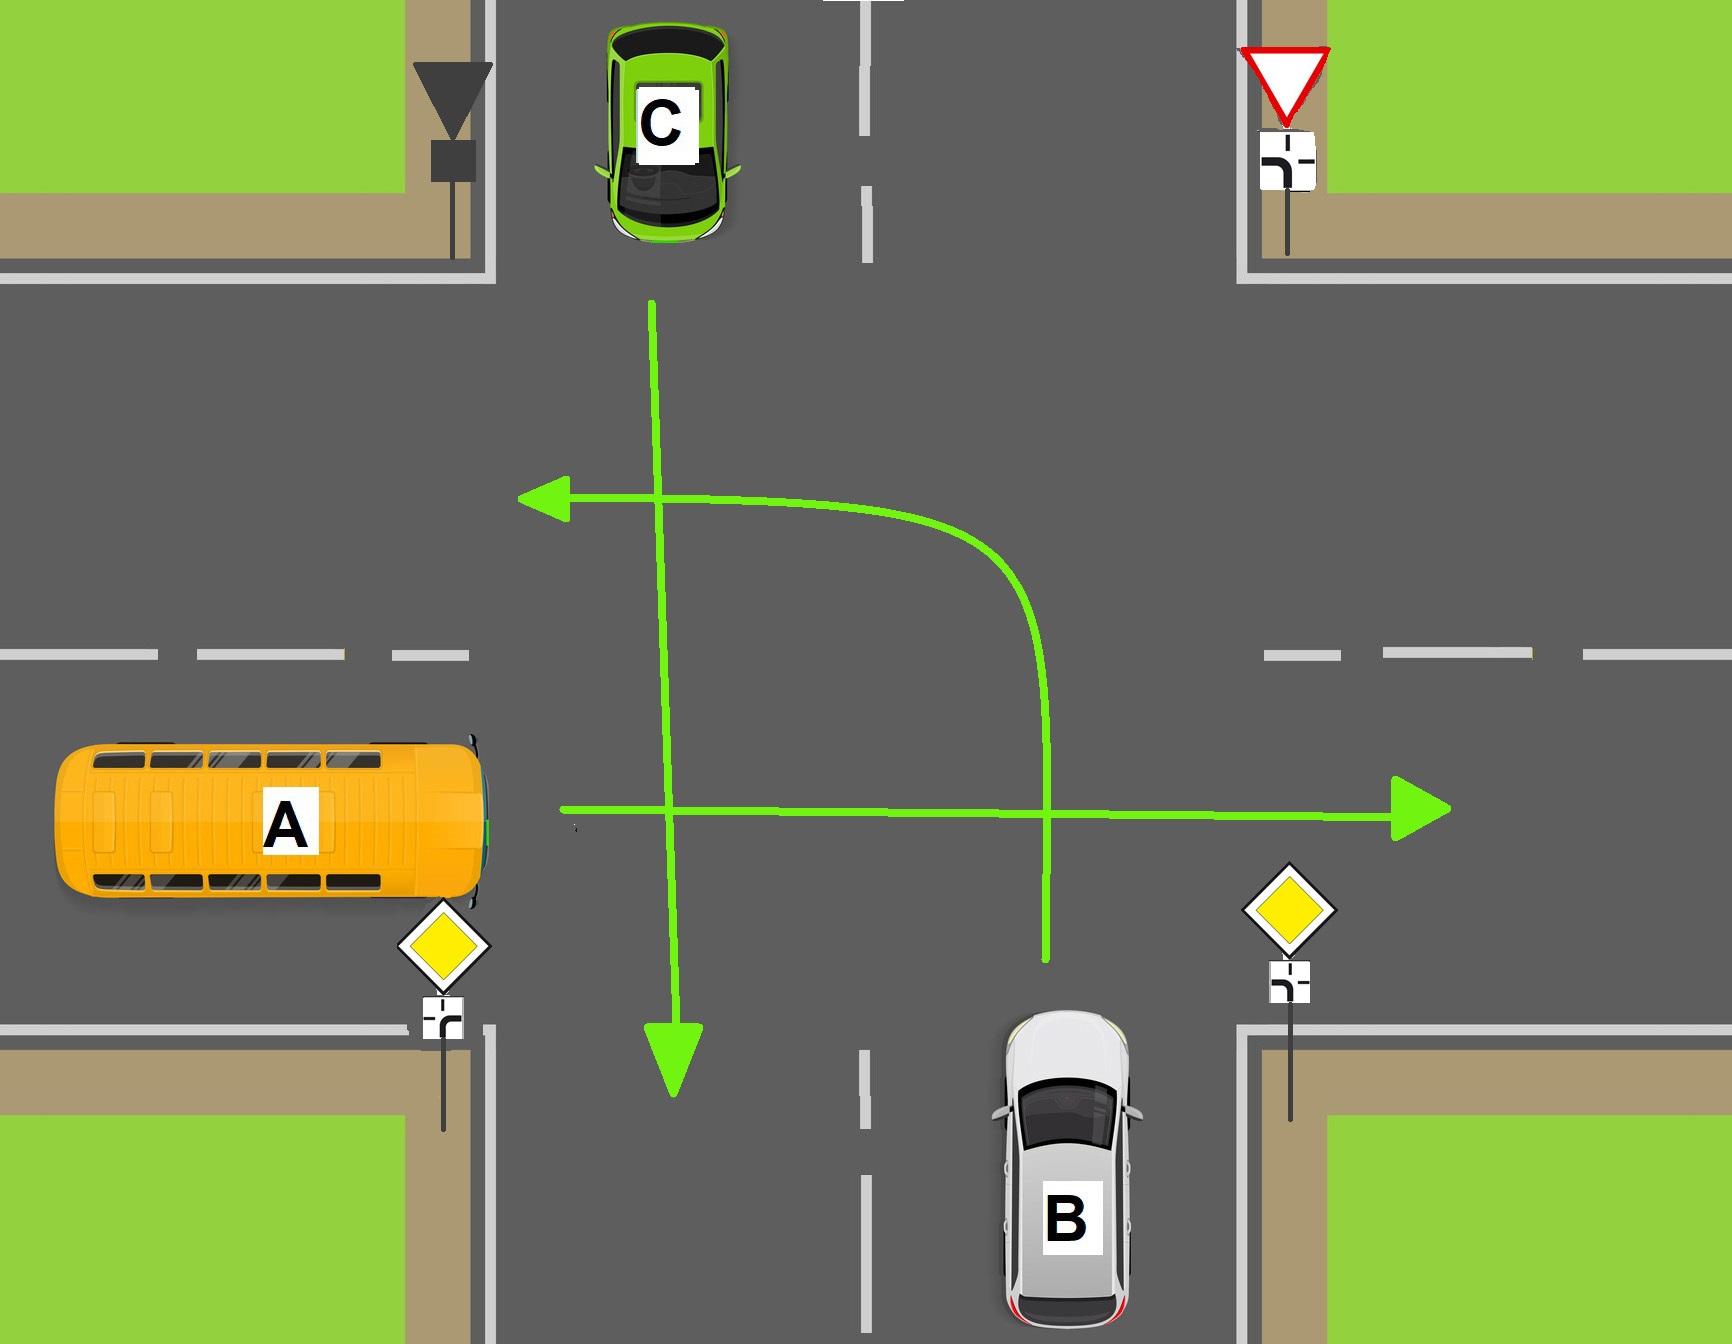 Hányadikként haladhat tovább a B jelzésű gépjármű?